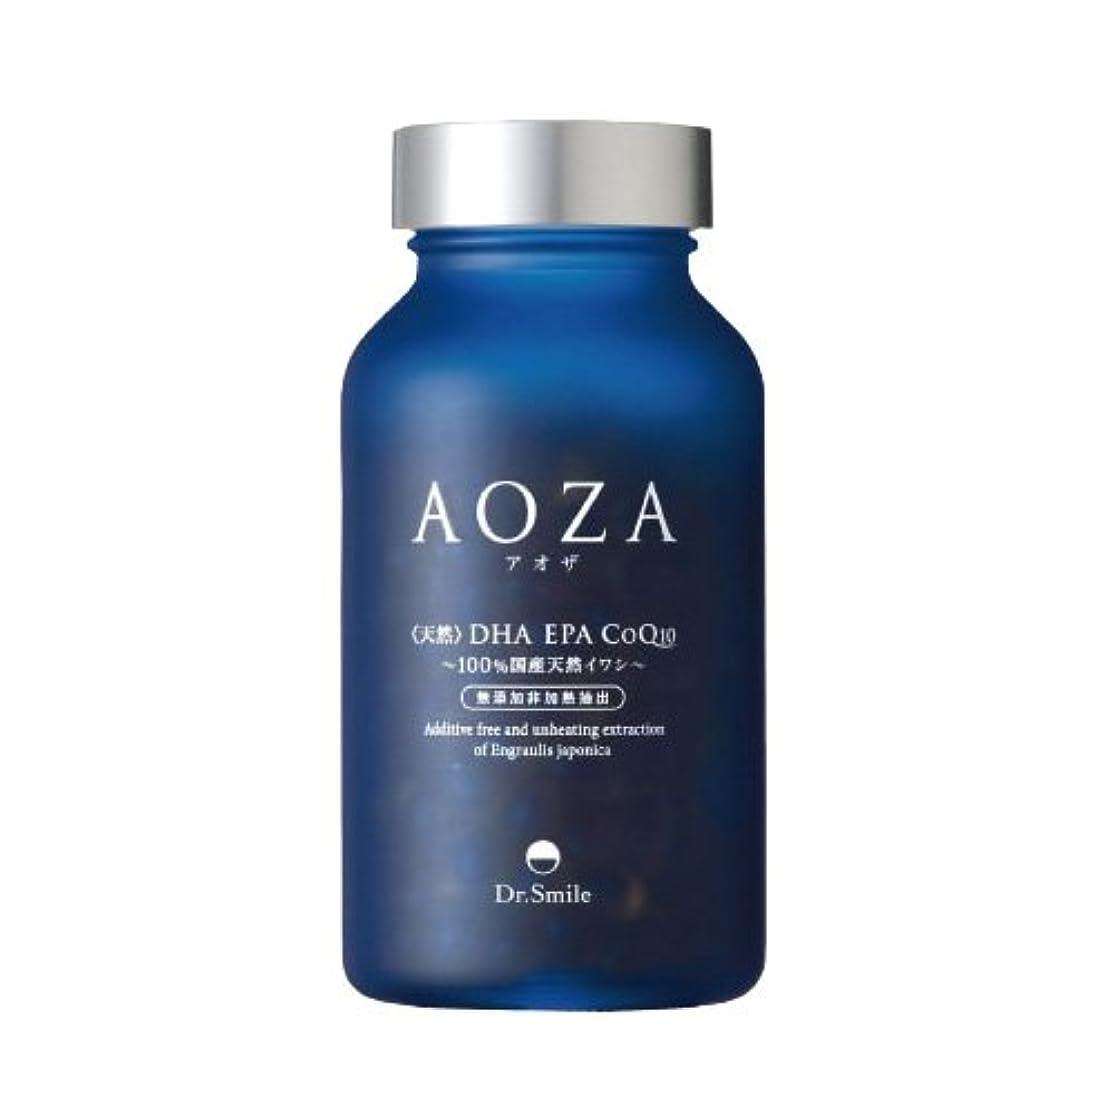 AOZA - アオザ